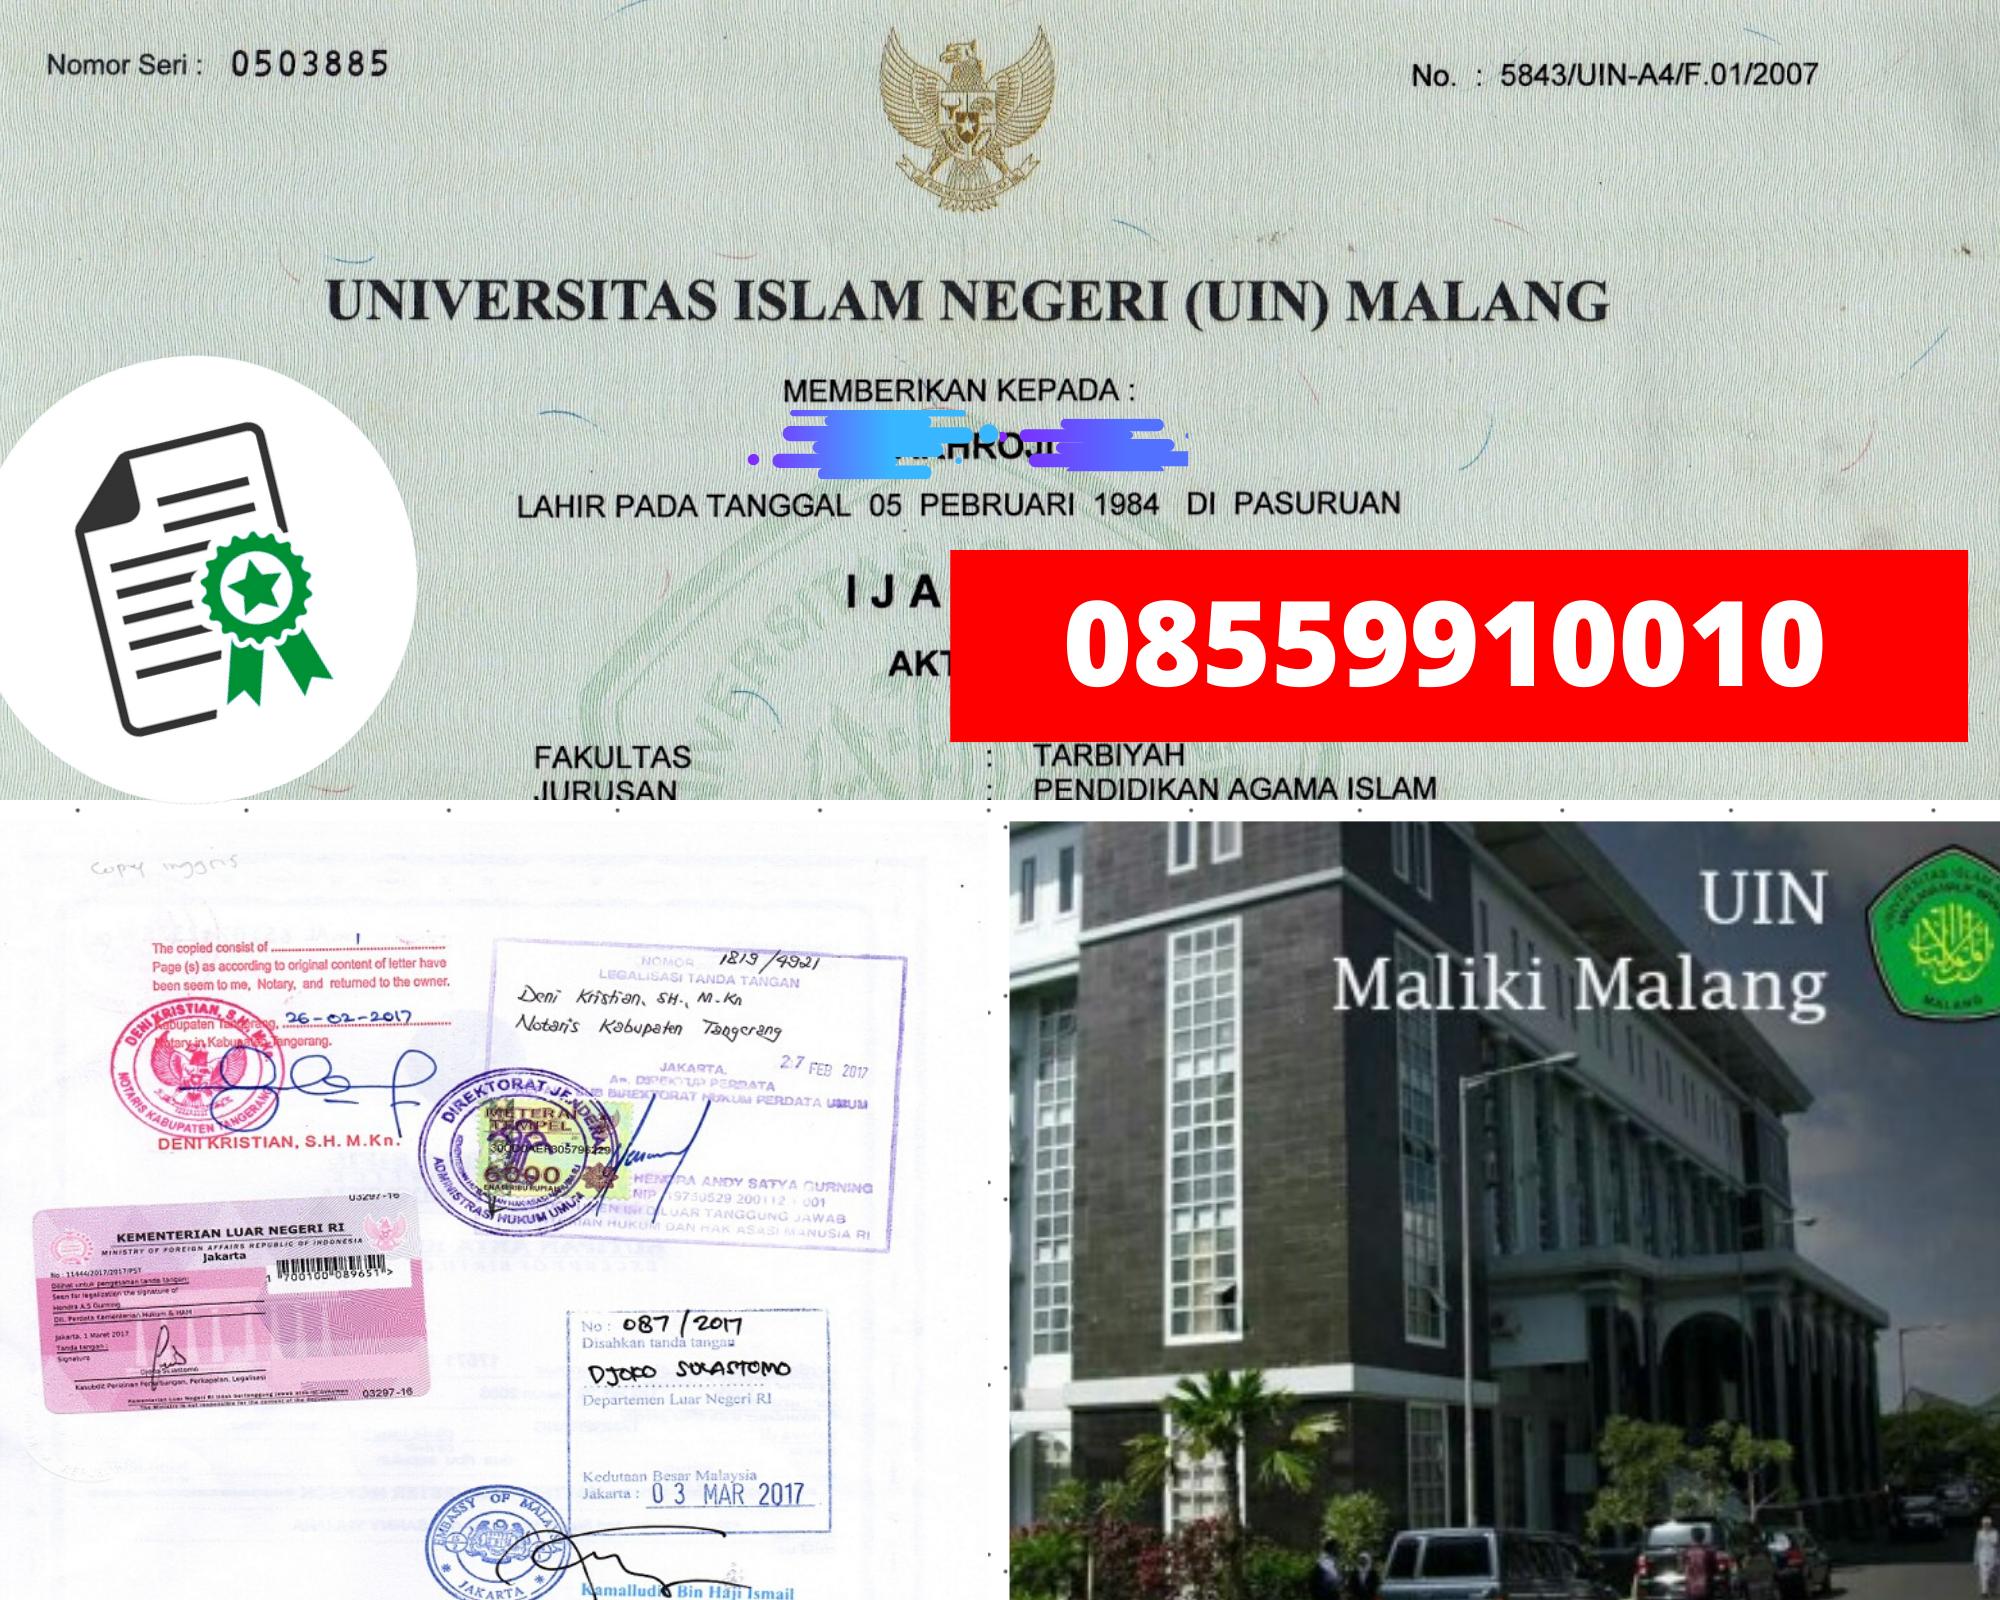 Jasa Legalisir Ijazah Universitas Islam Negeri Malang Di